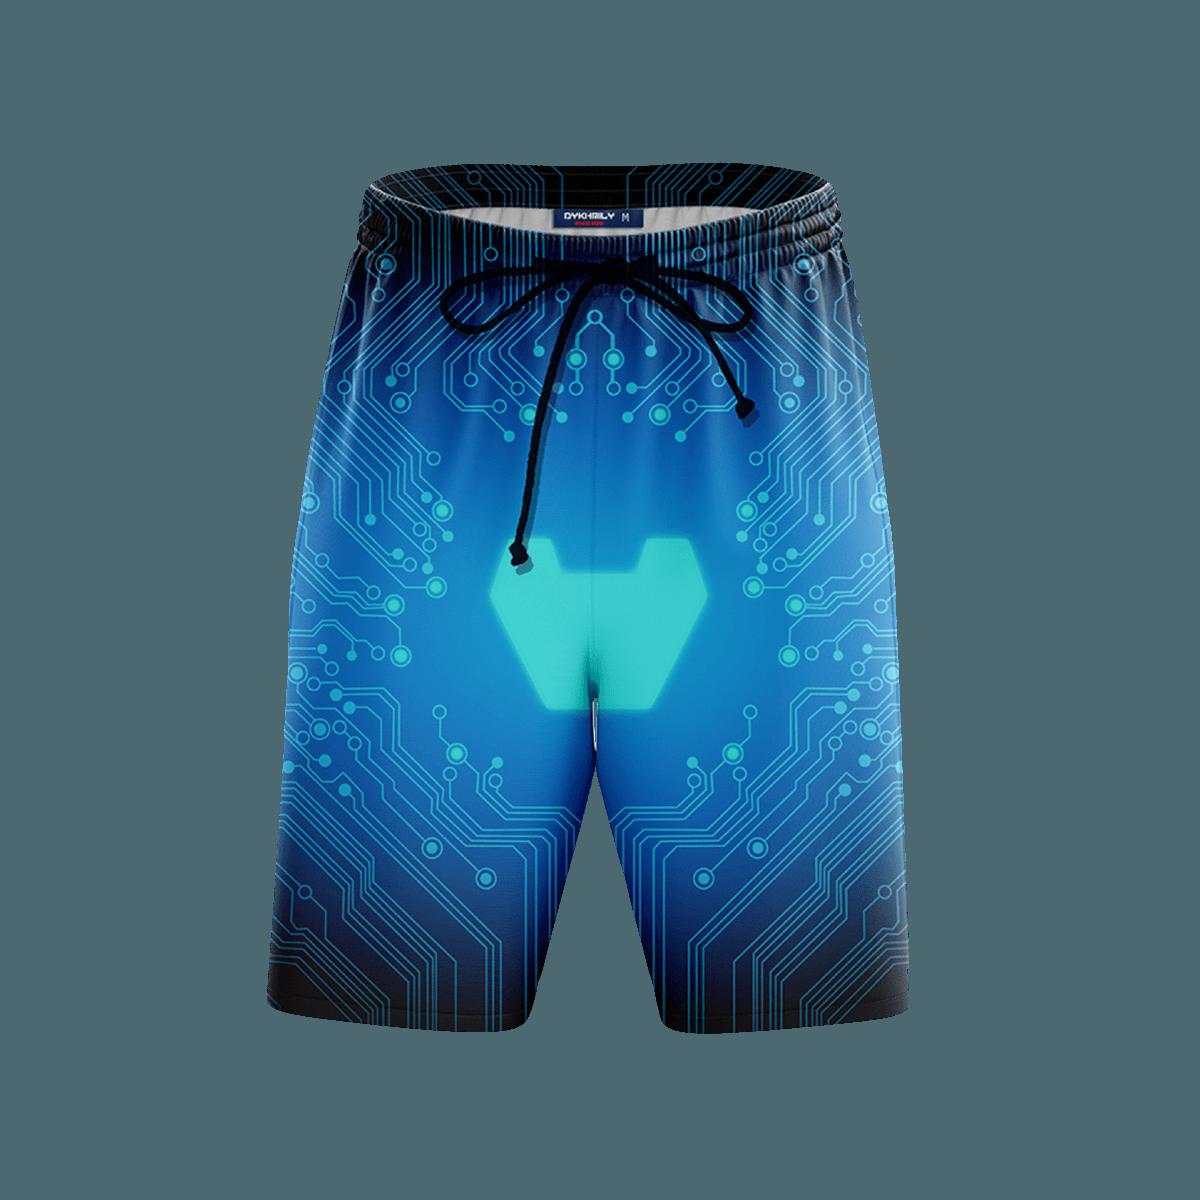 Stark Tech Beach Shorts FDM3107 S Official Anime Swimsuit Merch